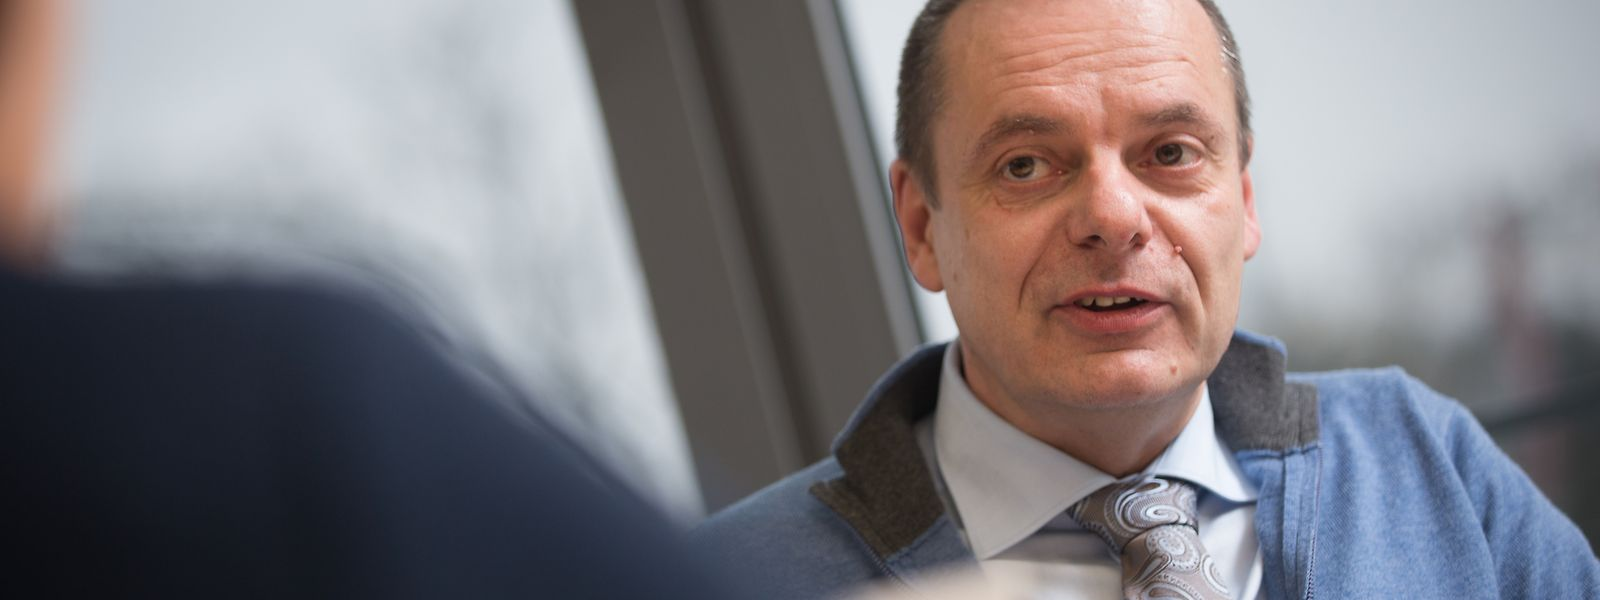 Jean-Paul Grün zeigt sich erstaunt über die Vorwürfe.